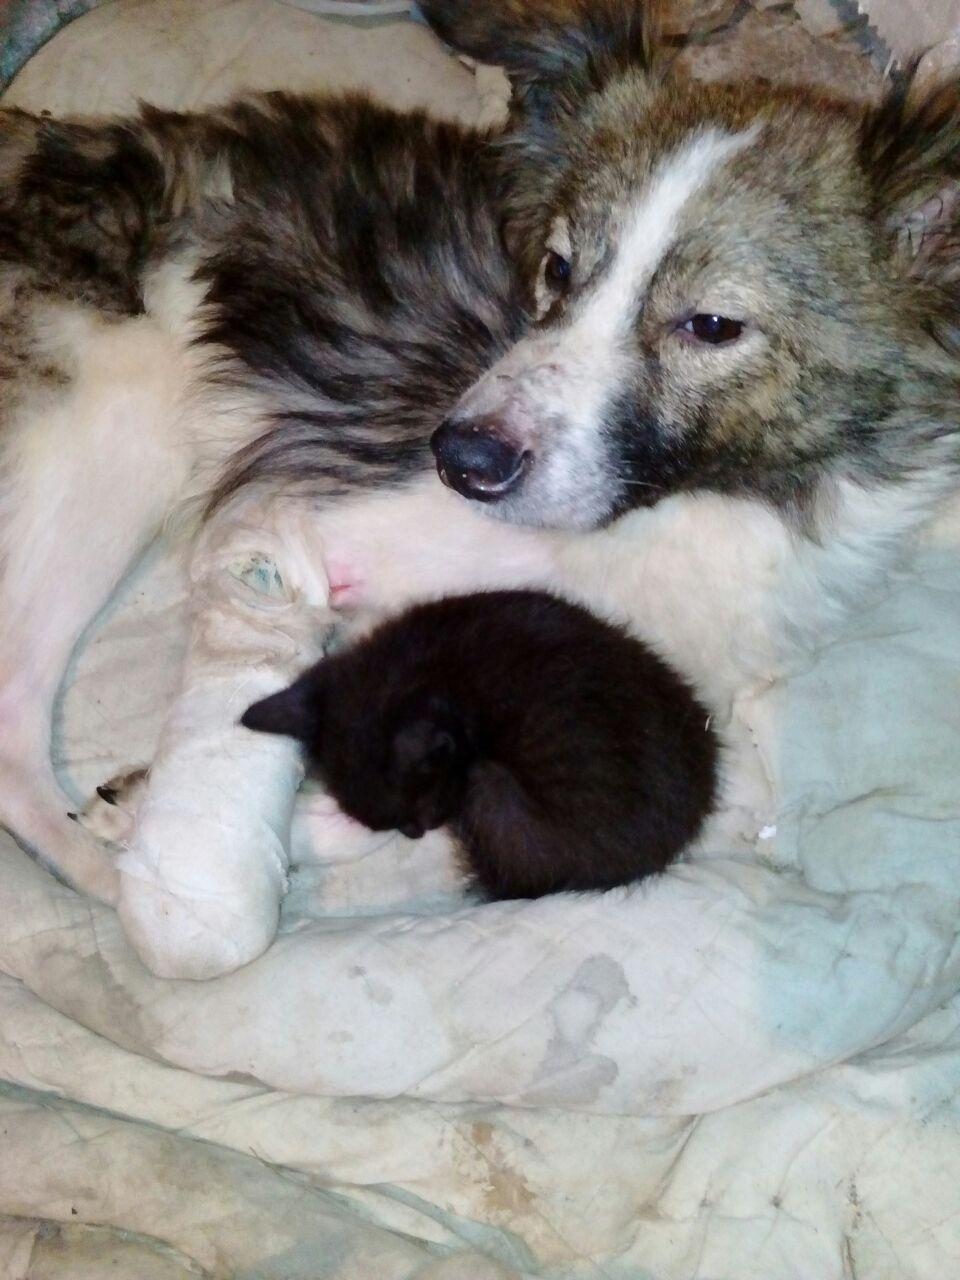 Gold – Schicksal eines Mischlings in Wladikawkas, stellvertretend für viele andere Hunde